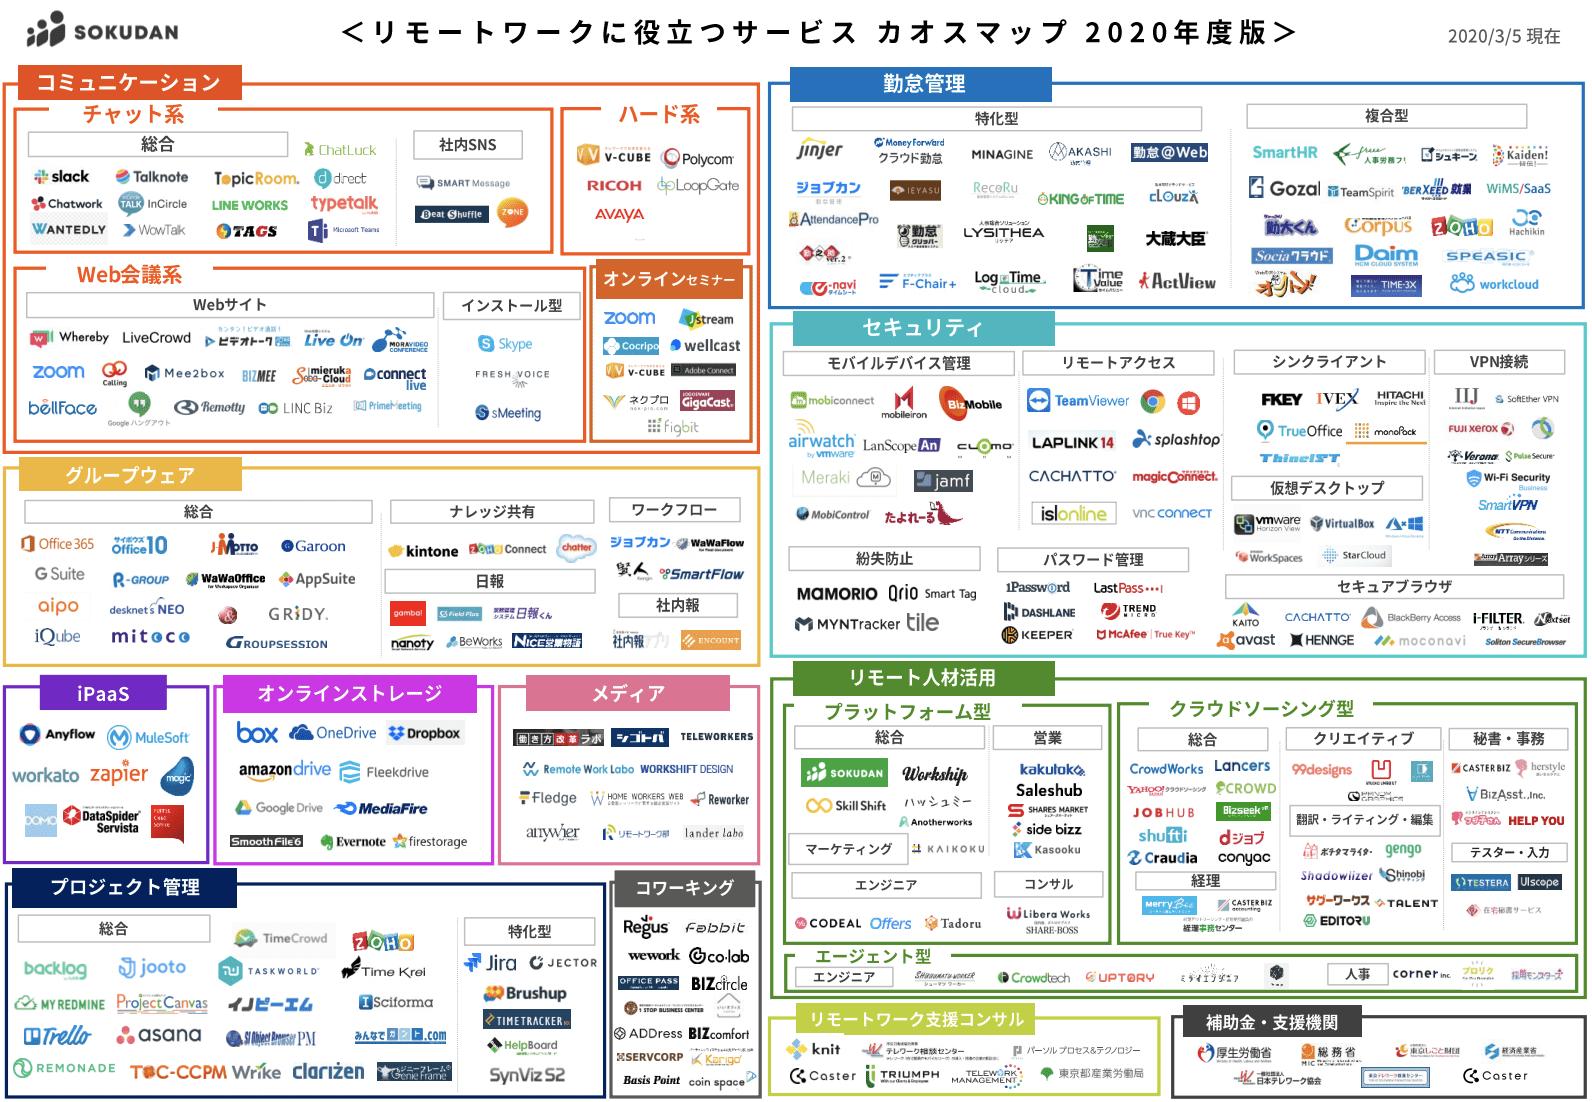 リモートワークに役立つサービス カオスマップ2020年版をSOKUDANが公開